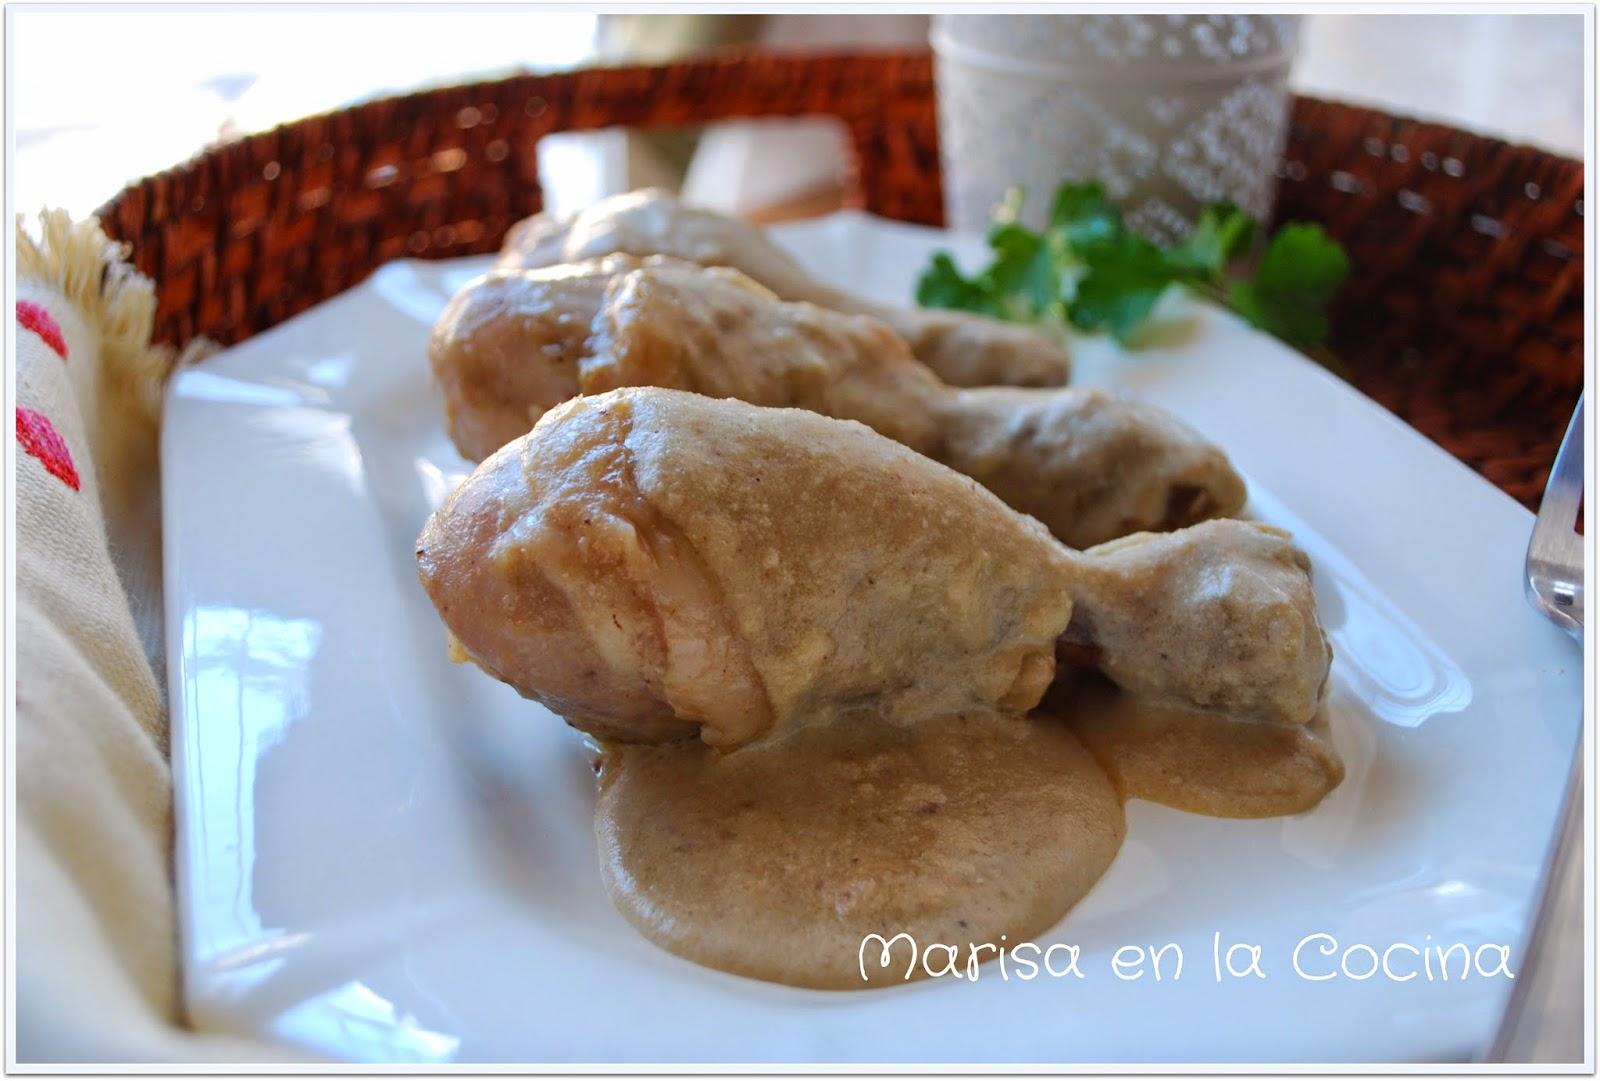 Marisa en la cocina muslos de pollo en salsa de almendras for Muslos pollo en salsa